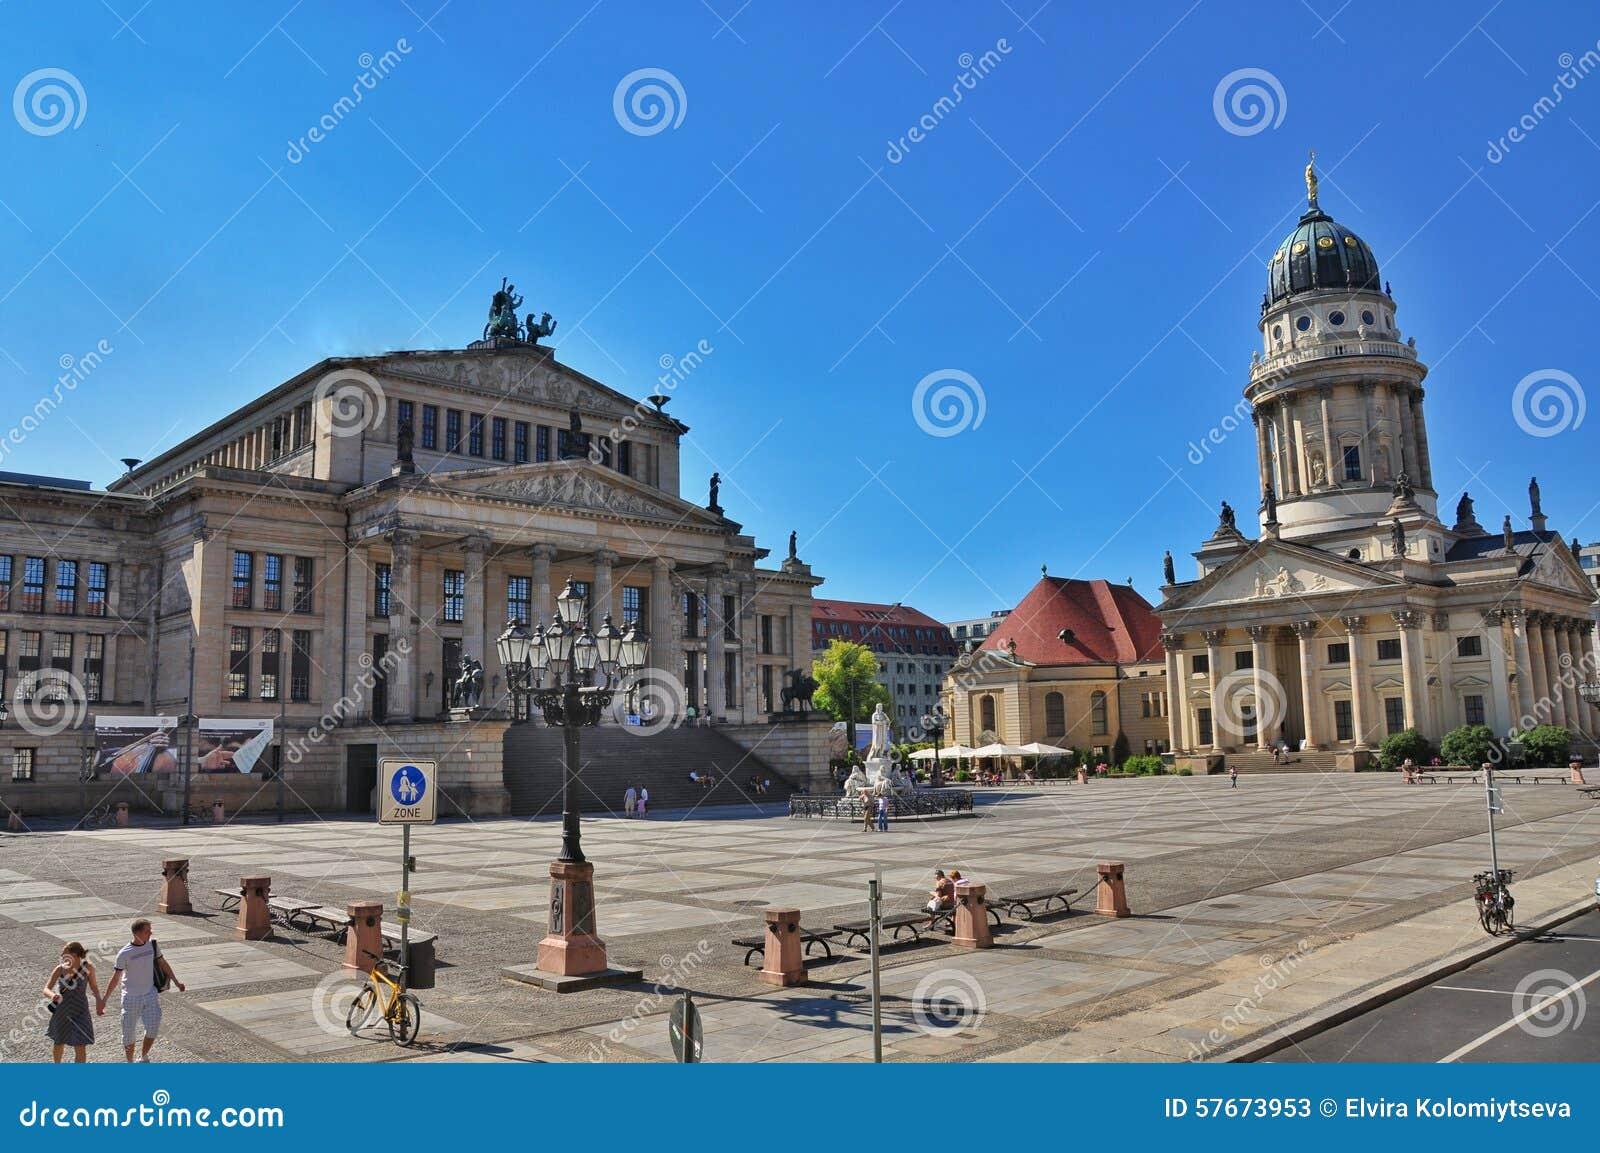 Berlin gendarmenmarkt